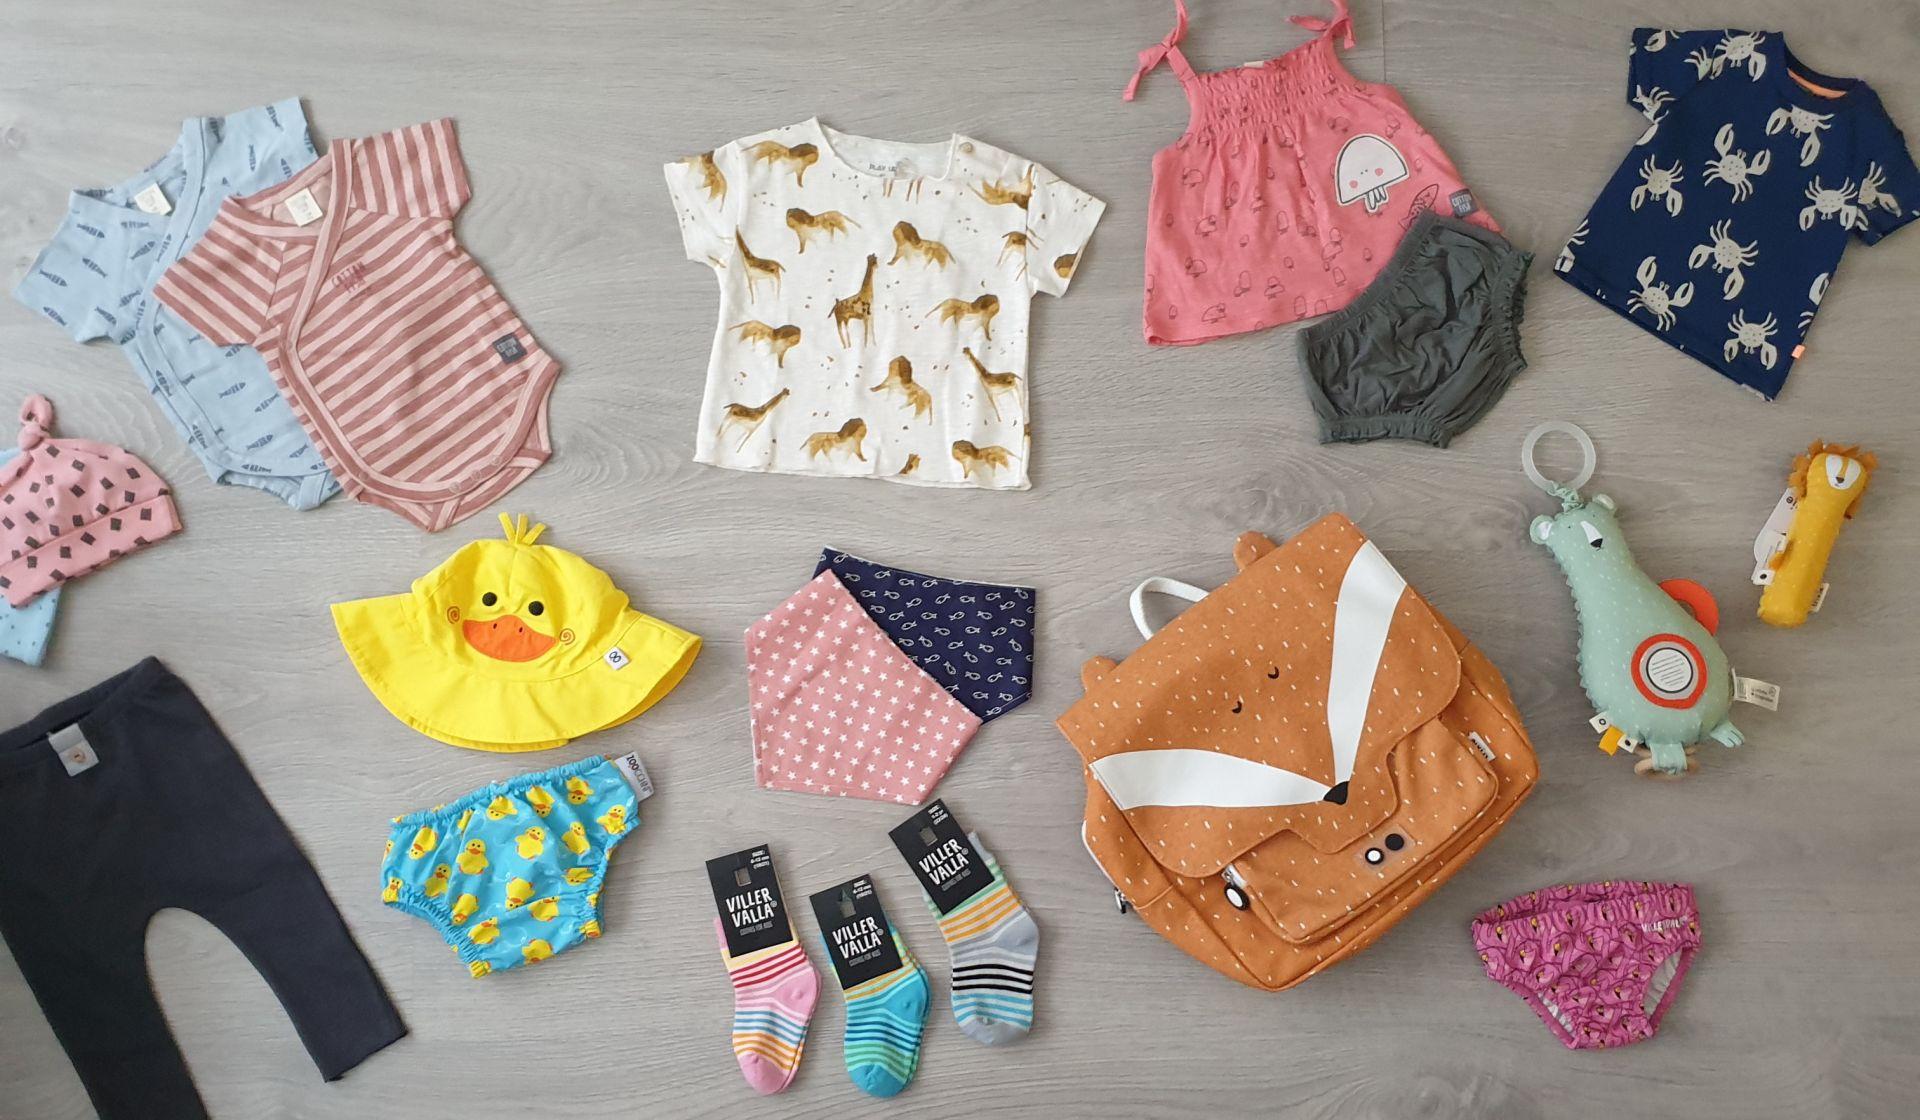 Moda sostenible para los más pequeños